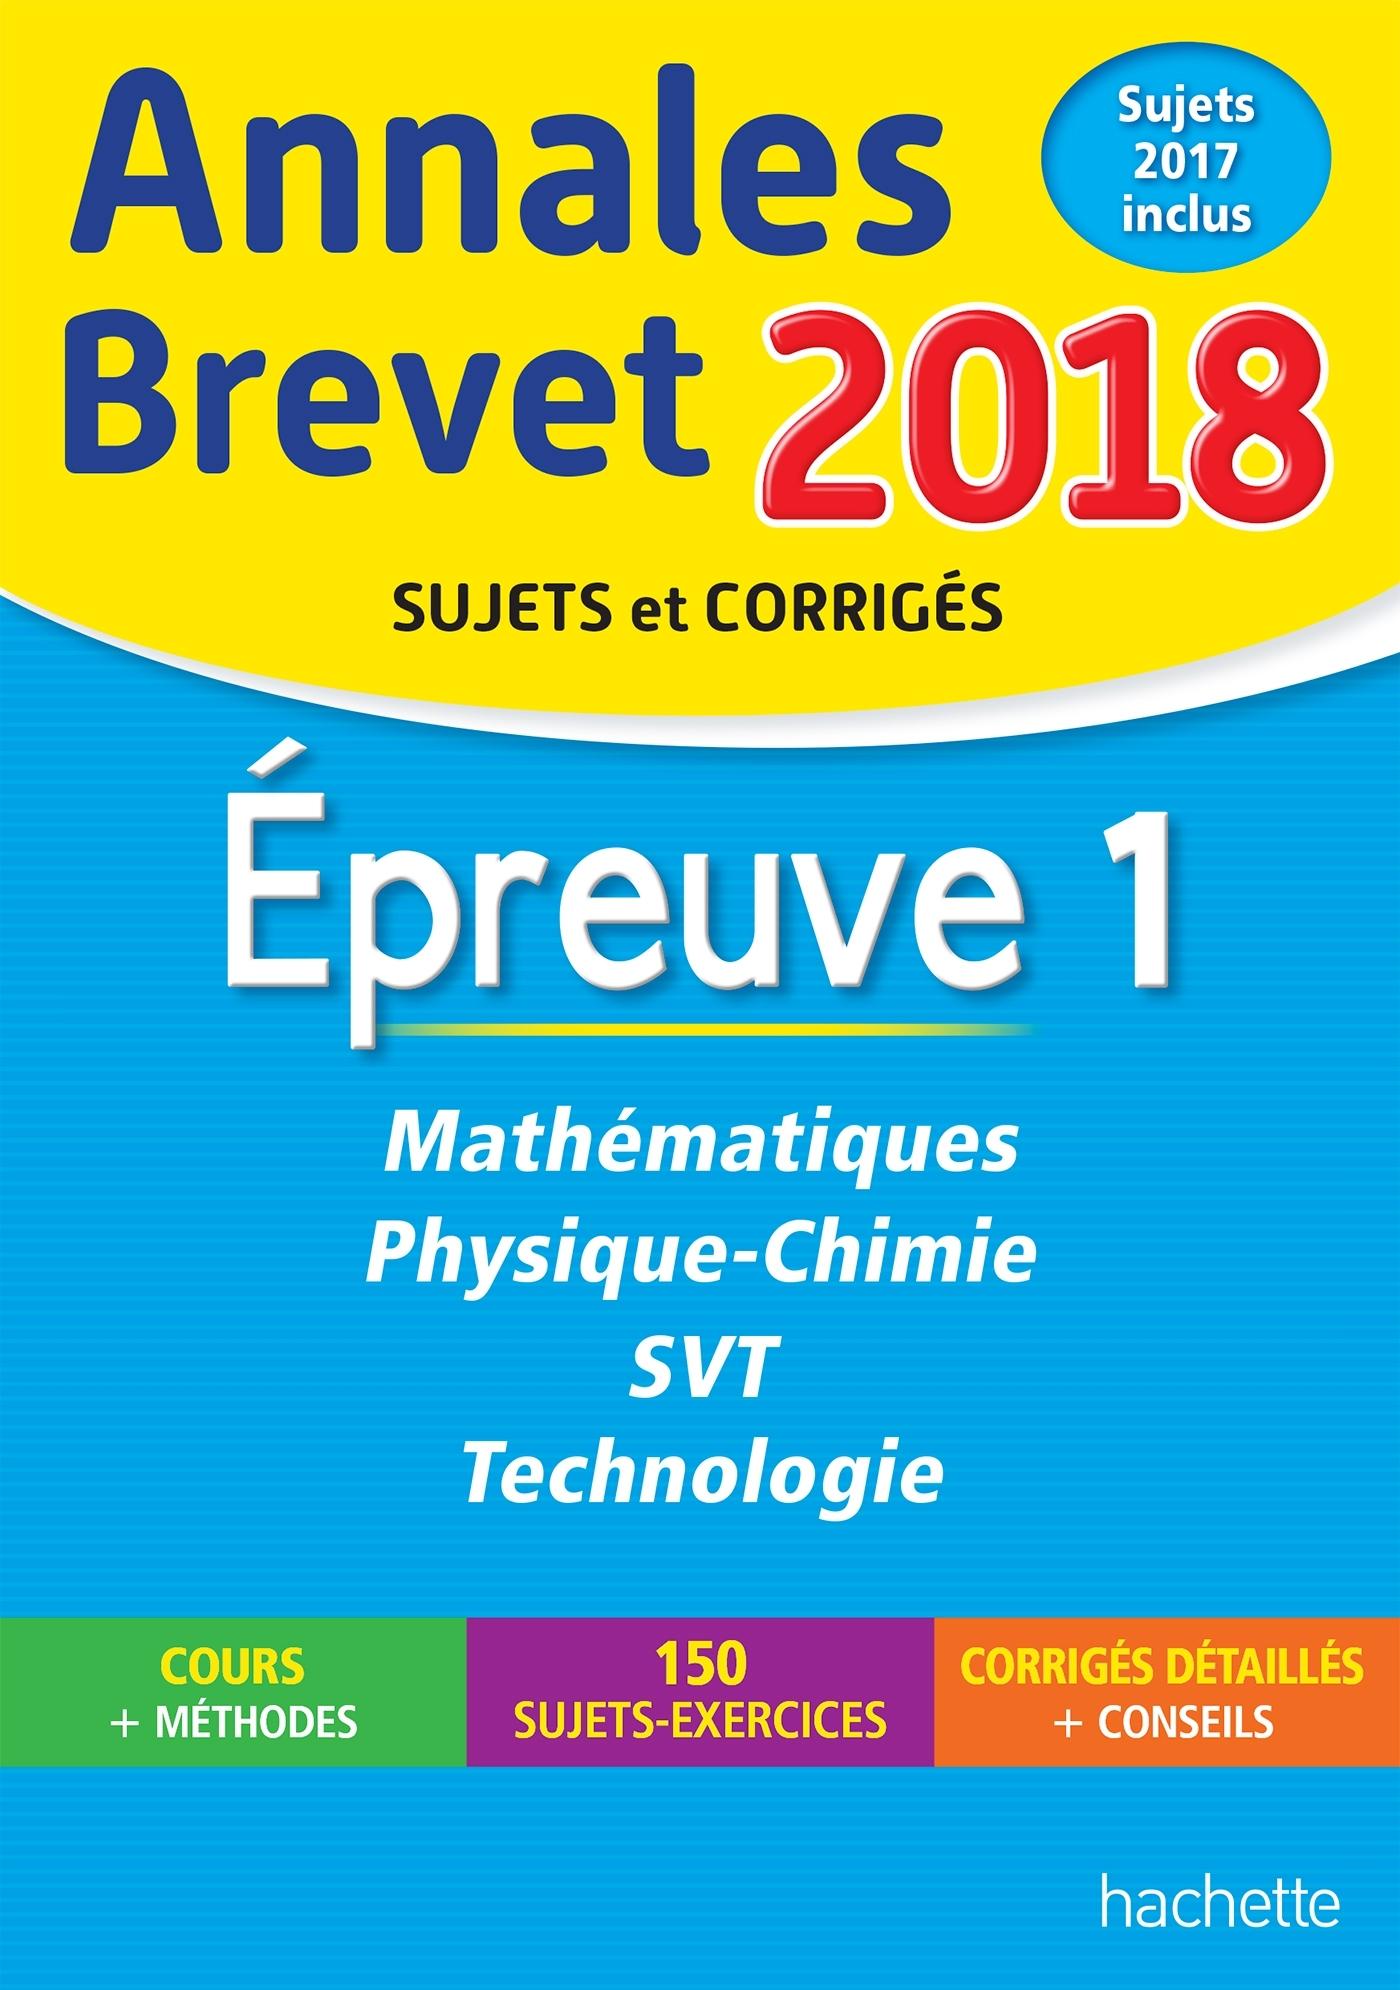 ANNALES BREVET  2018 MATHS, PHYSIQUE-CHIMIE, SVT ET TECHNOLOGIE 3EME